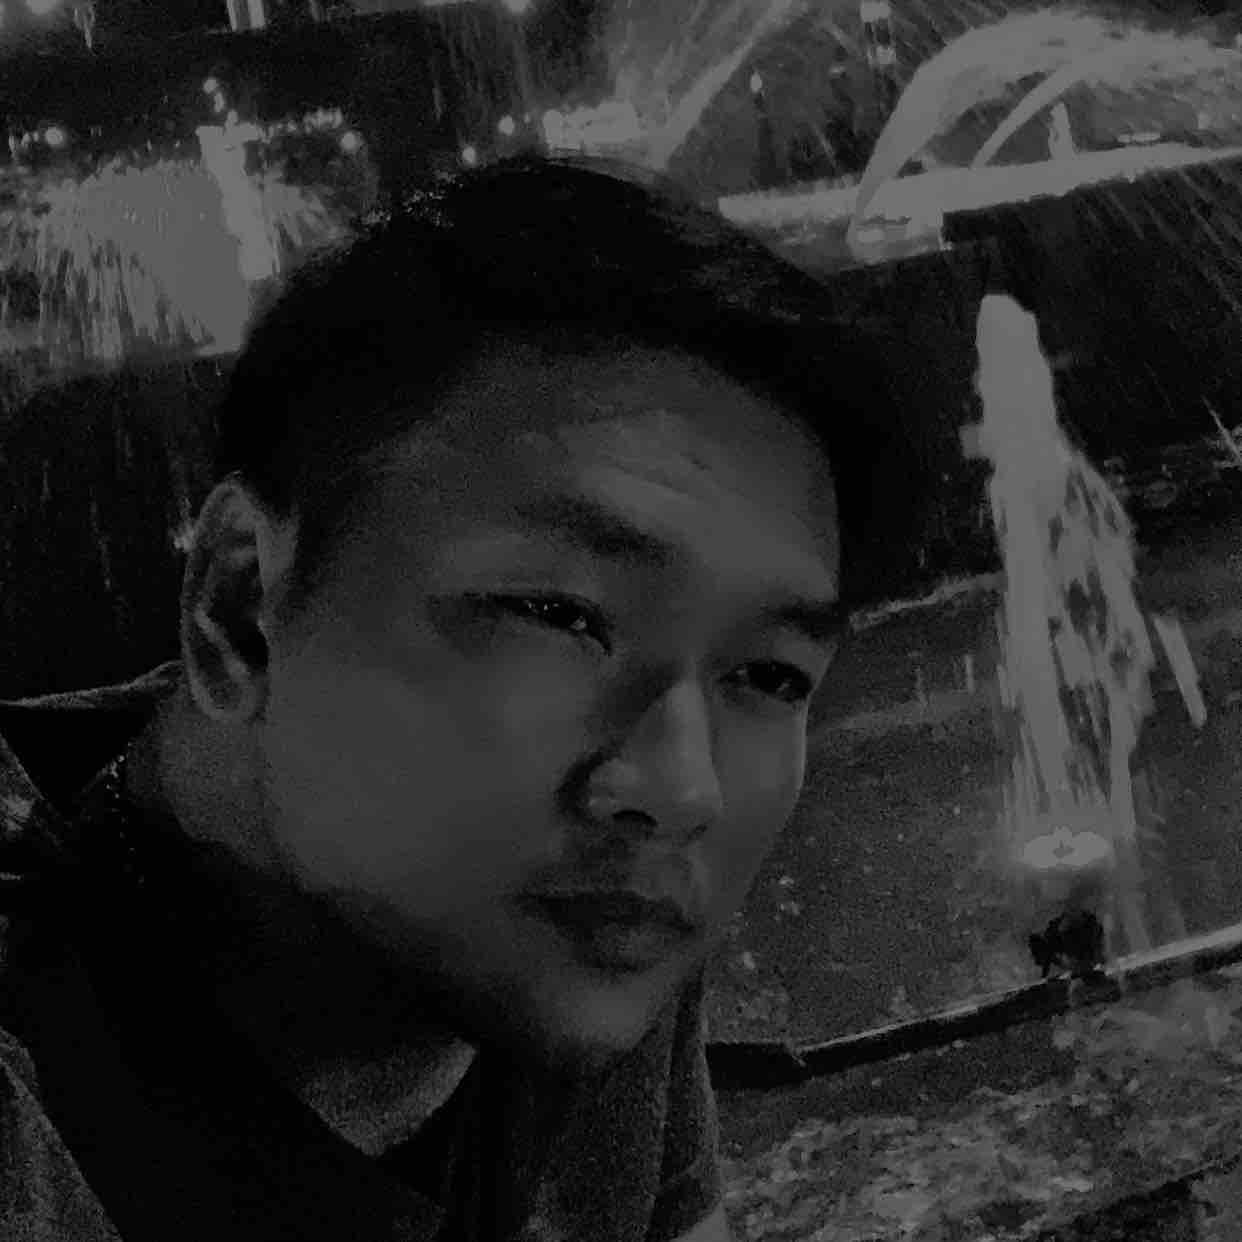 [Karaoke] Kiếp Độc Thân - Hai Lua